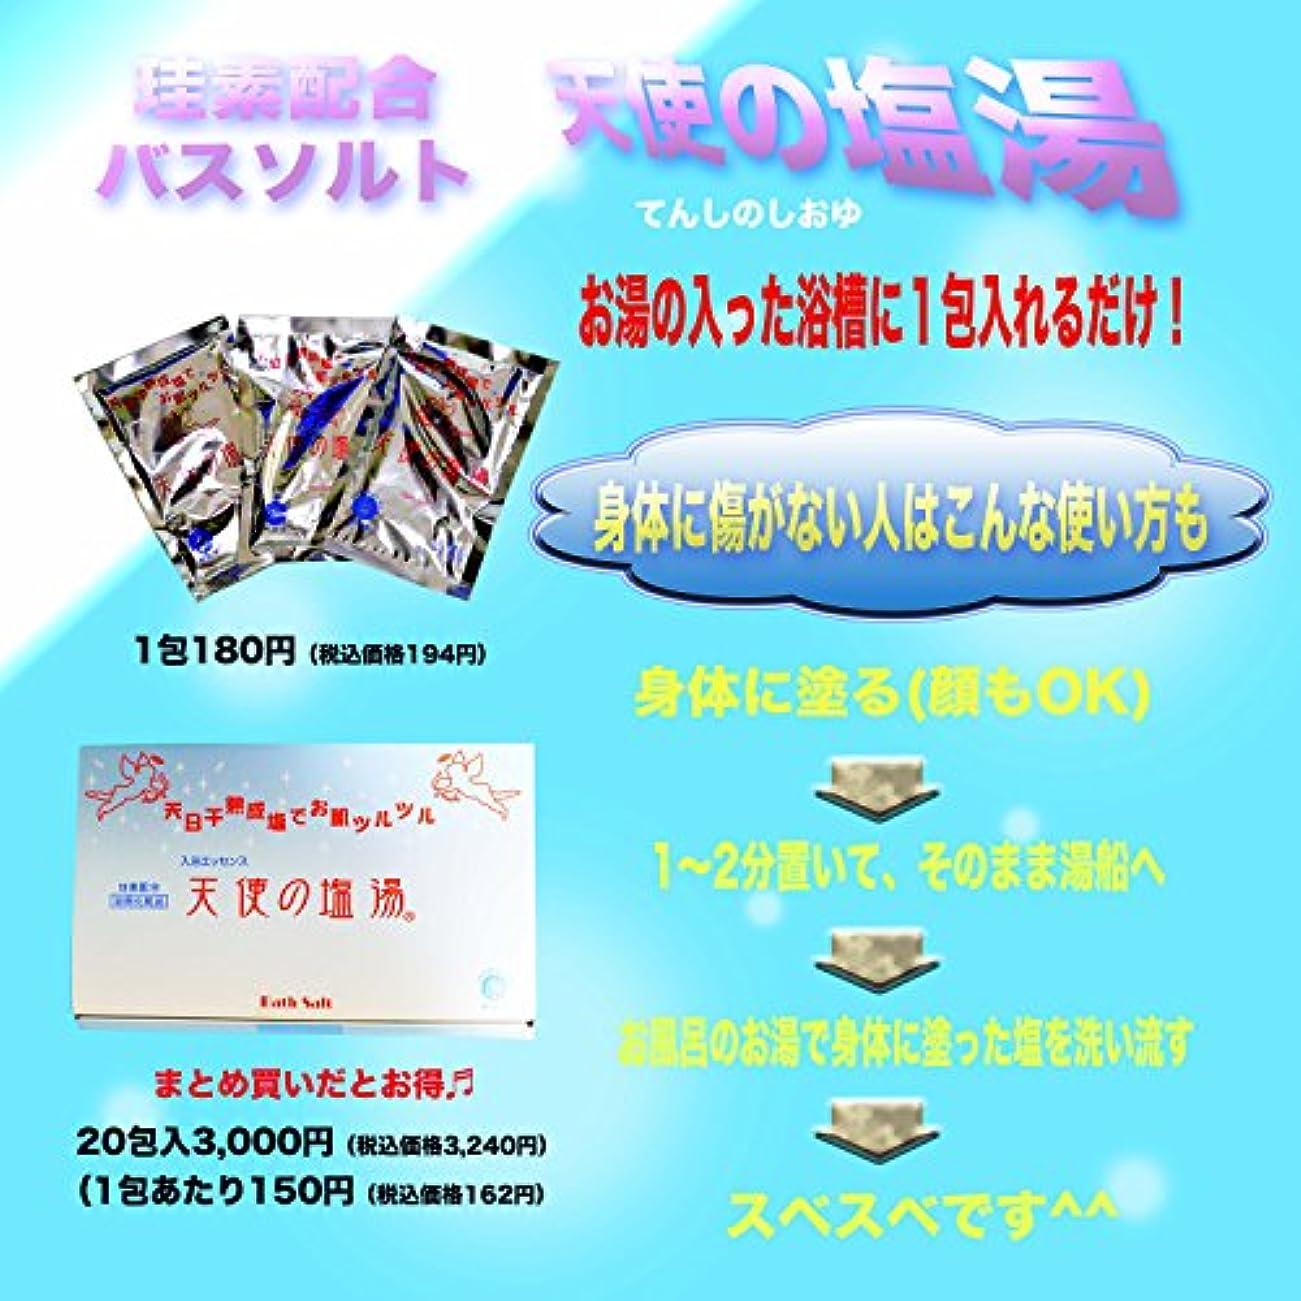 レジ憲法バンカー入浴エッセンス 天使の塩湯(70g×20袋入) 日本珪素医科学学会 承認品